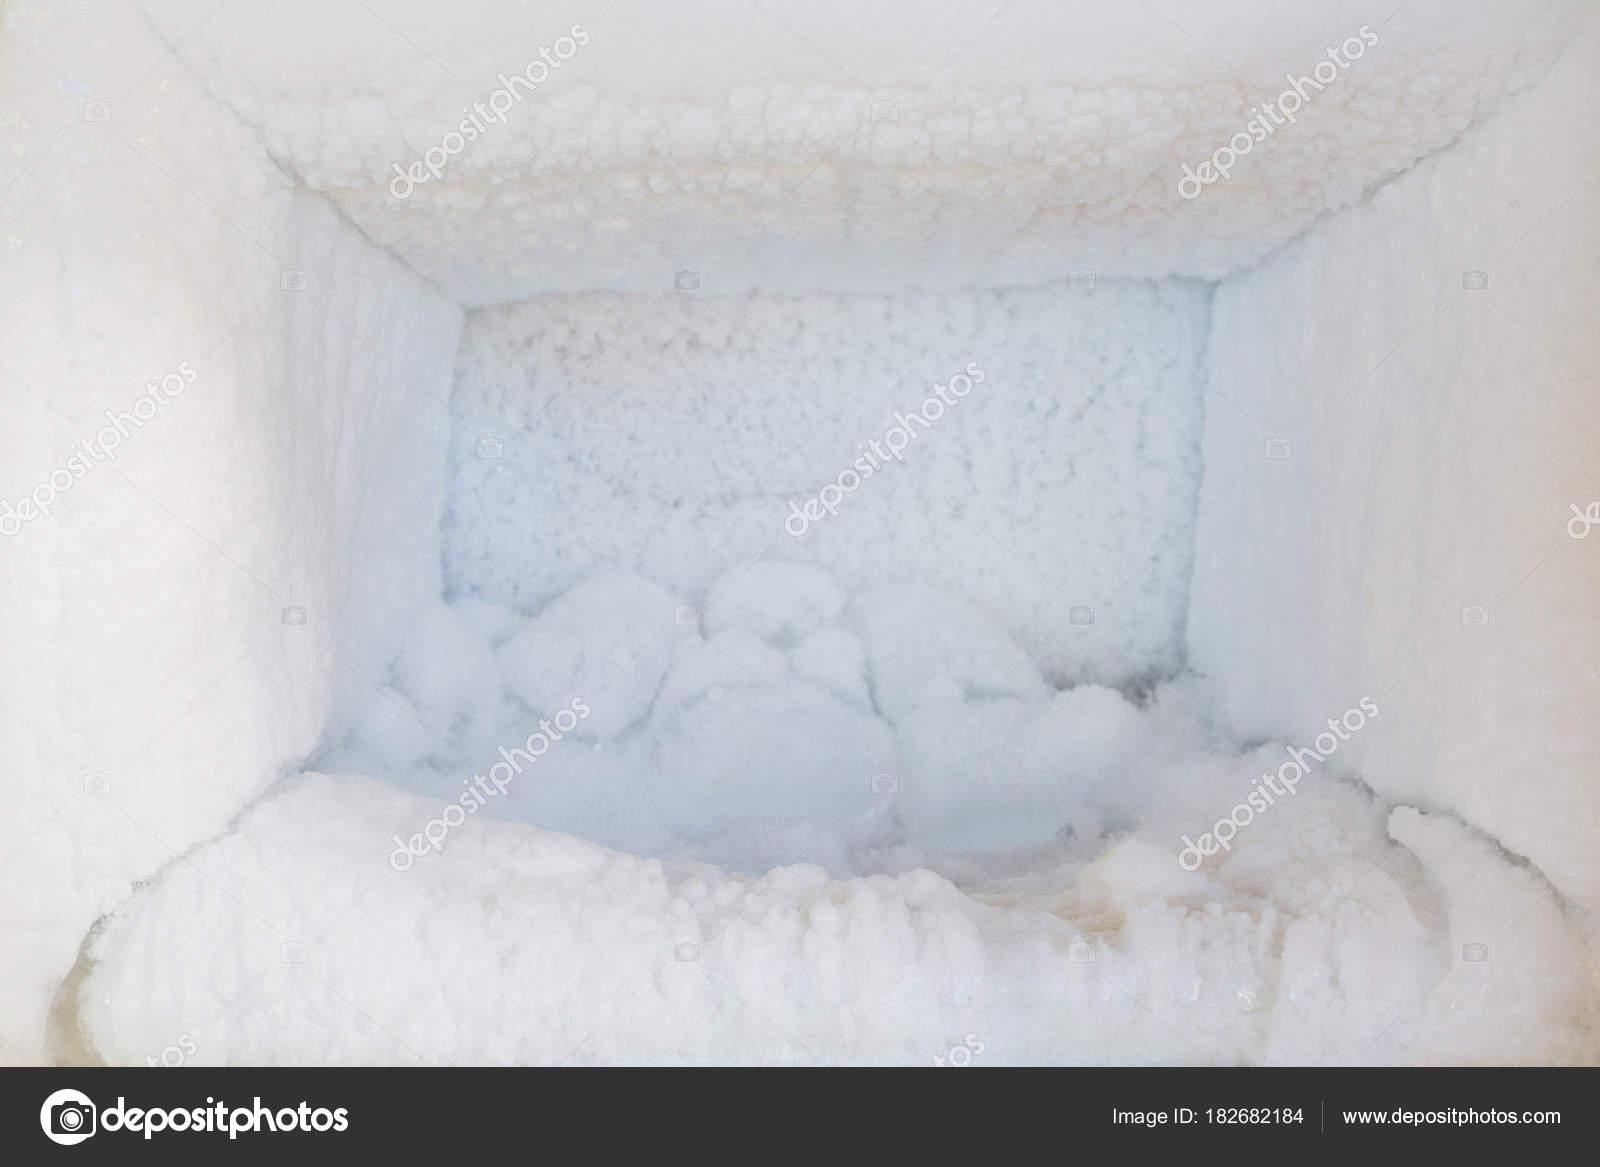 Aufbau Kühlschrank Qualität : Der kühlschrank leer. eis aufbau im inneren ein gefrierschrank wände